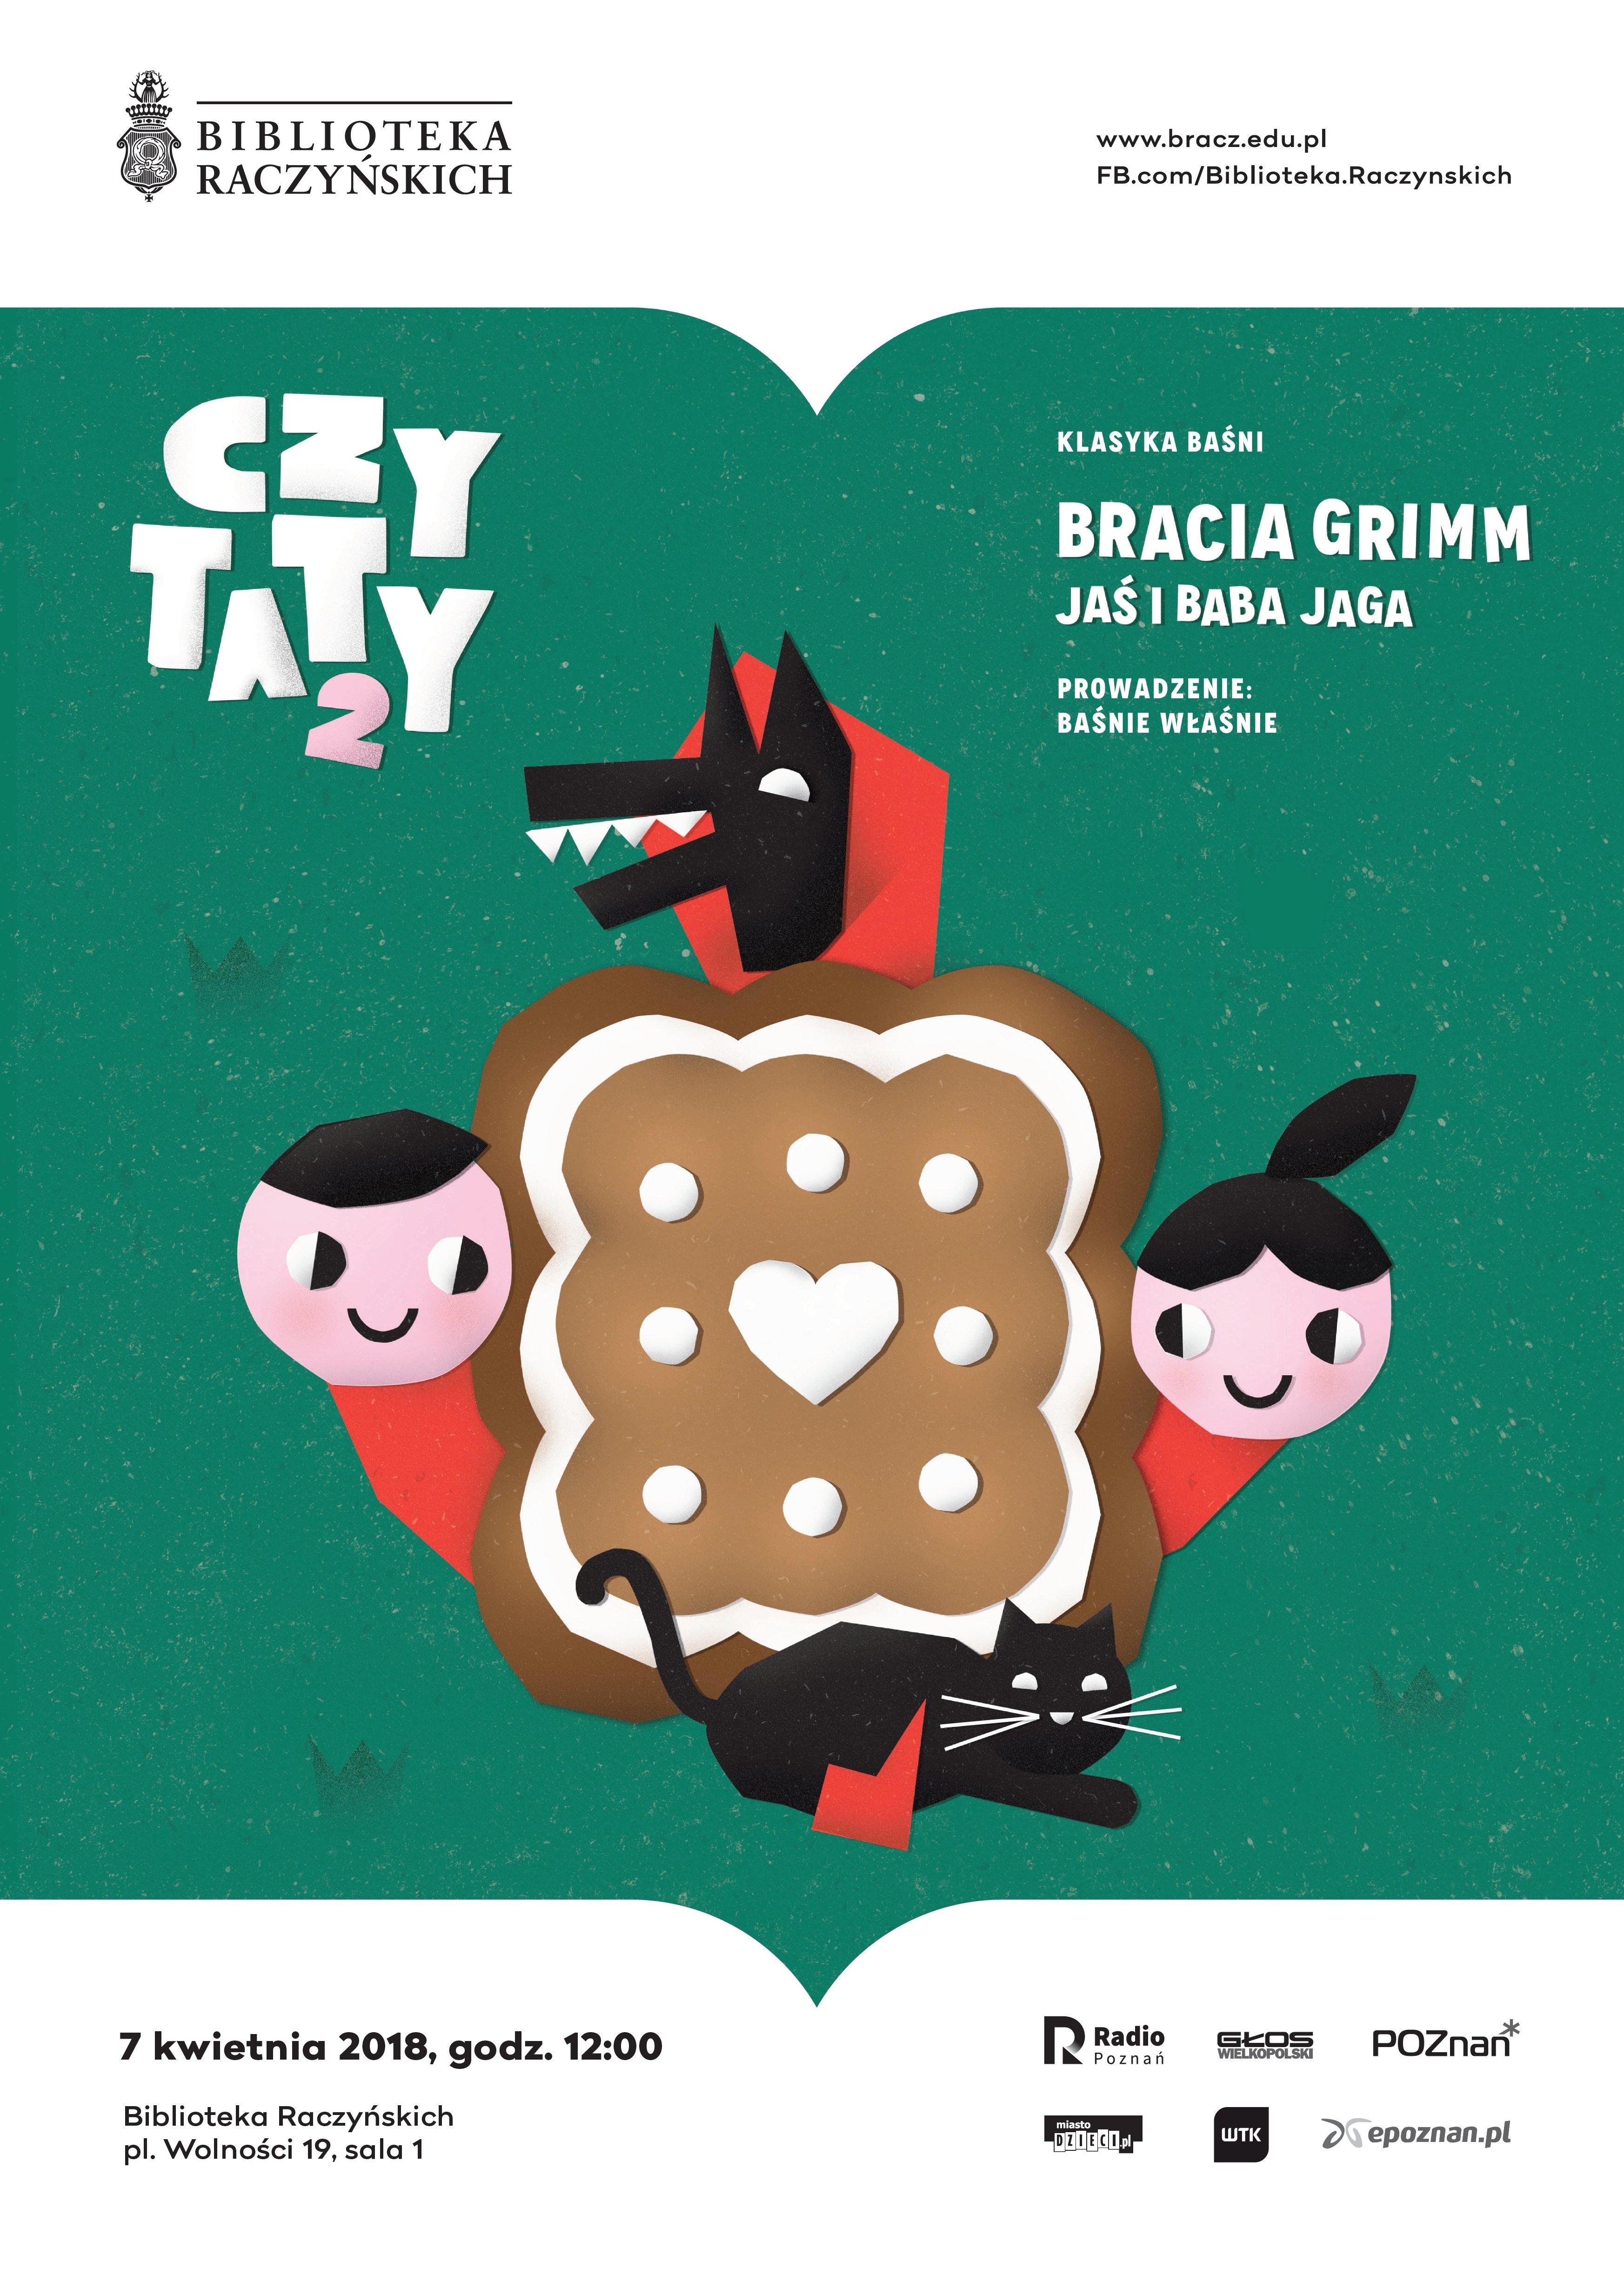 Czytaty2: Bracia Grimm, Jaś i Baba Jaga